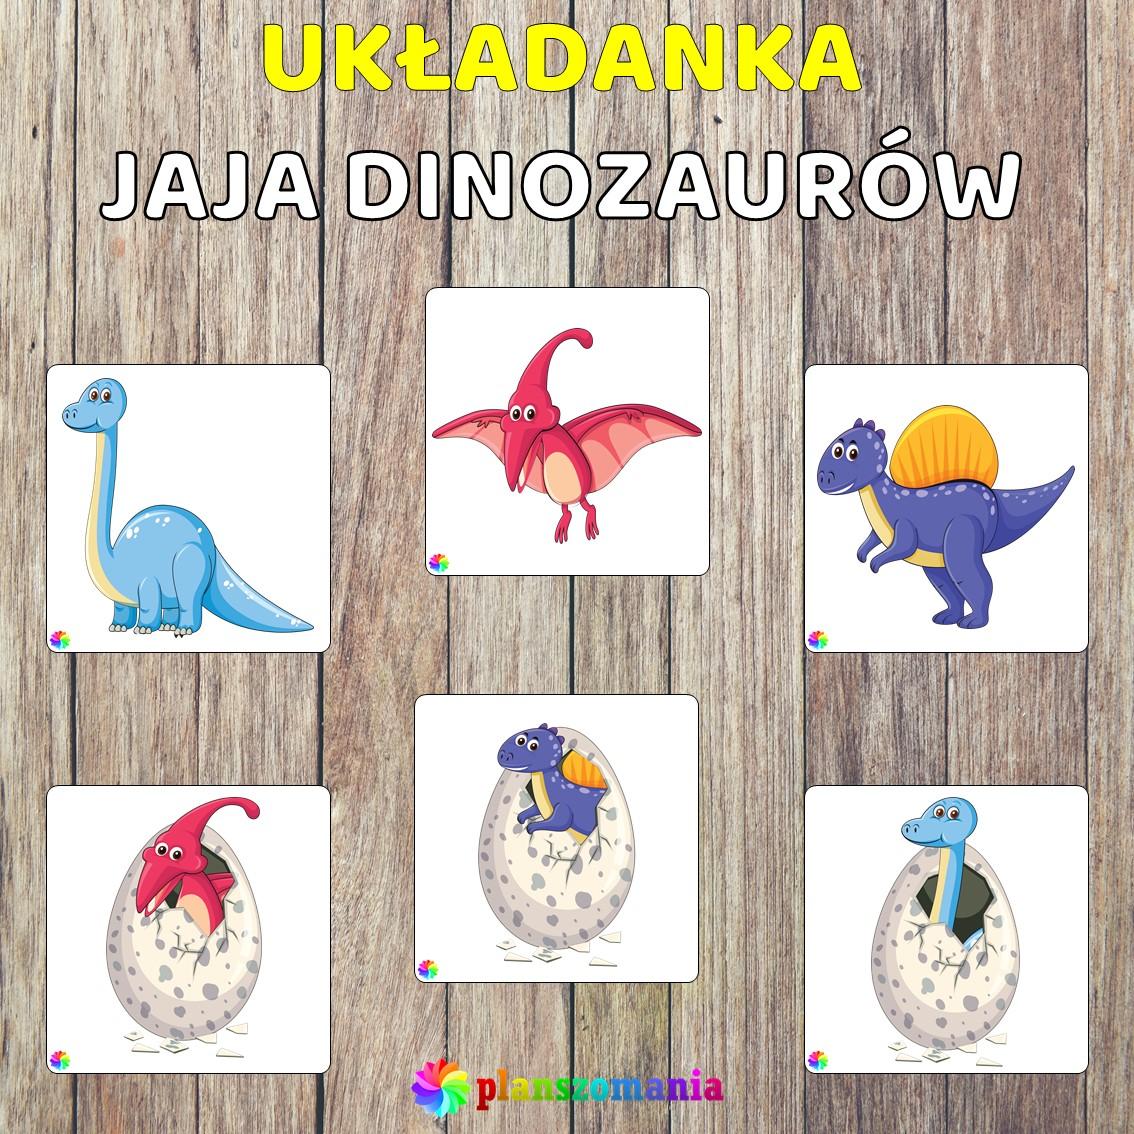 Dinozaury pakiet pomocy edukacyjnych świat odkrywców pdf do pobrania scenariusz zajęć układanka edukacyjna planszomania